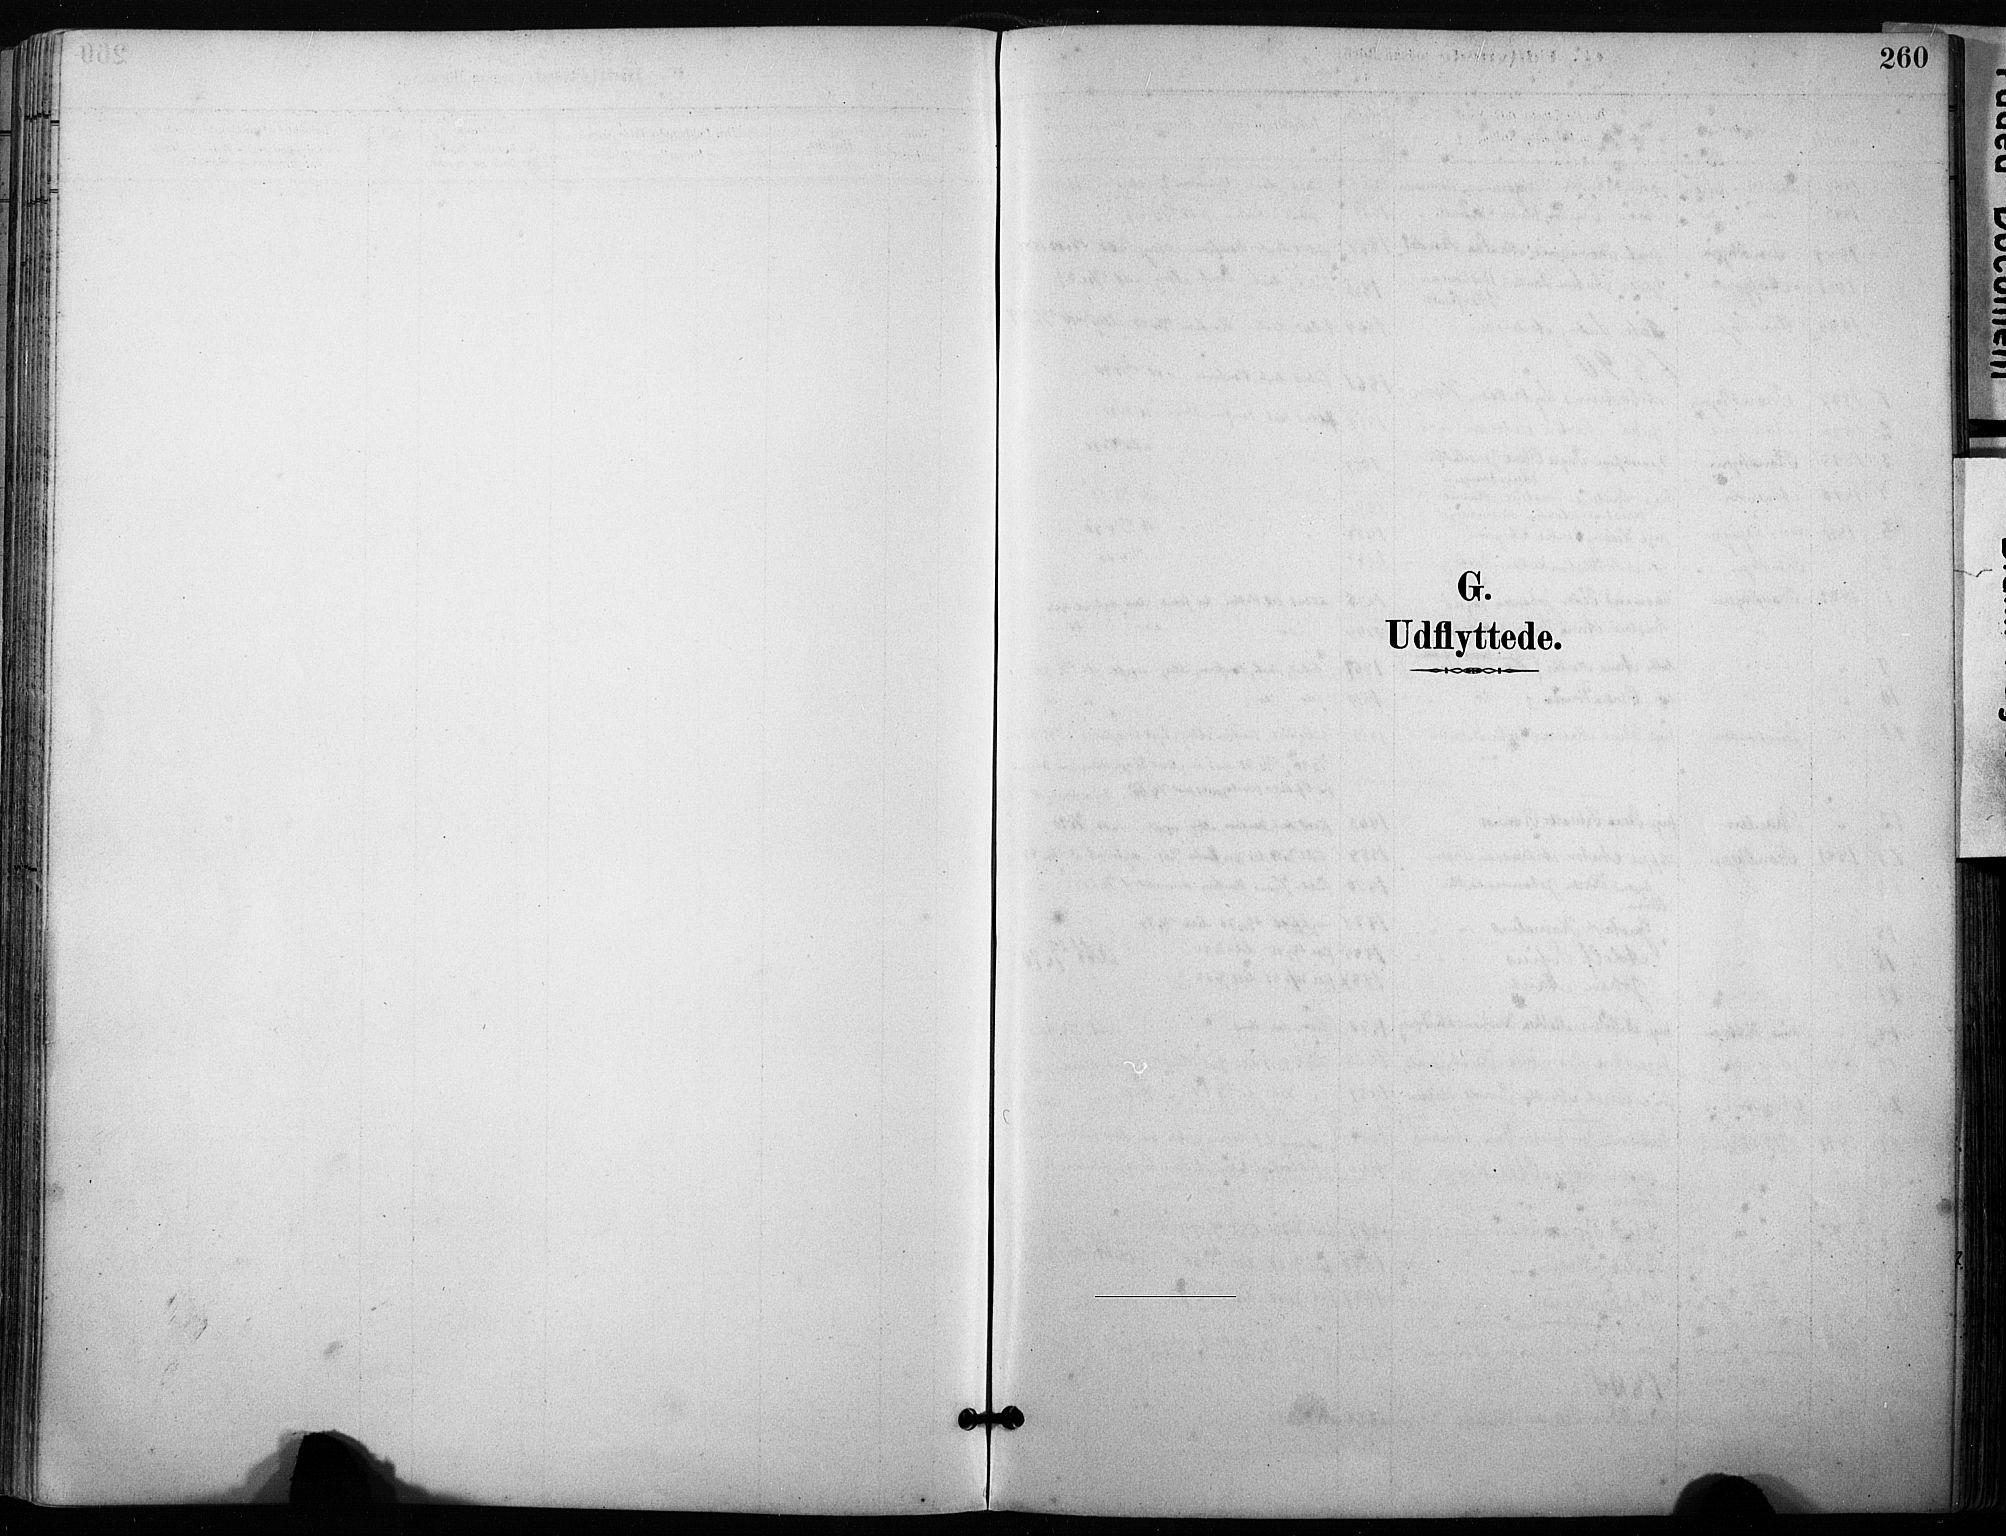 SAT, Ministerialprotokoller, klokkerbøker og fødselsregistre - Sør-Trøndelag, 640/L0579: Ministerialbok nr. 640A04, 1889-1902, s. 260